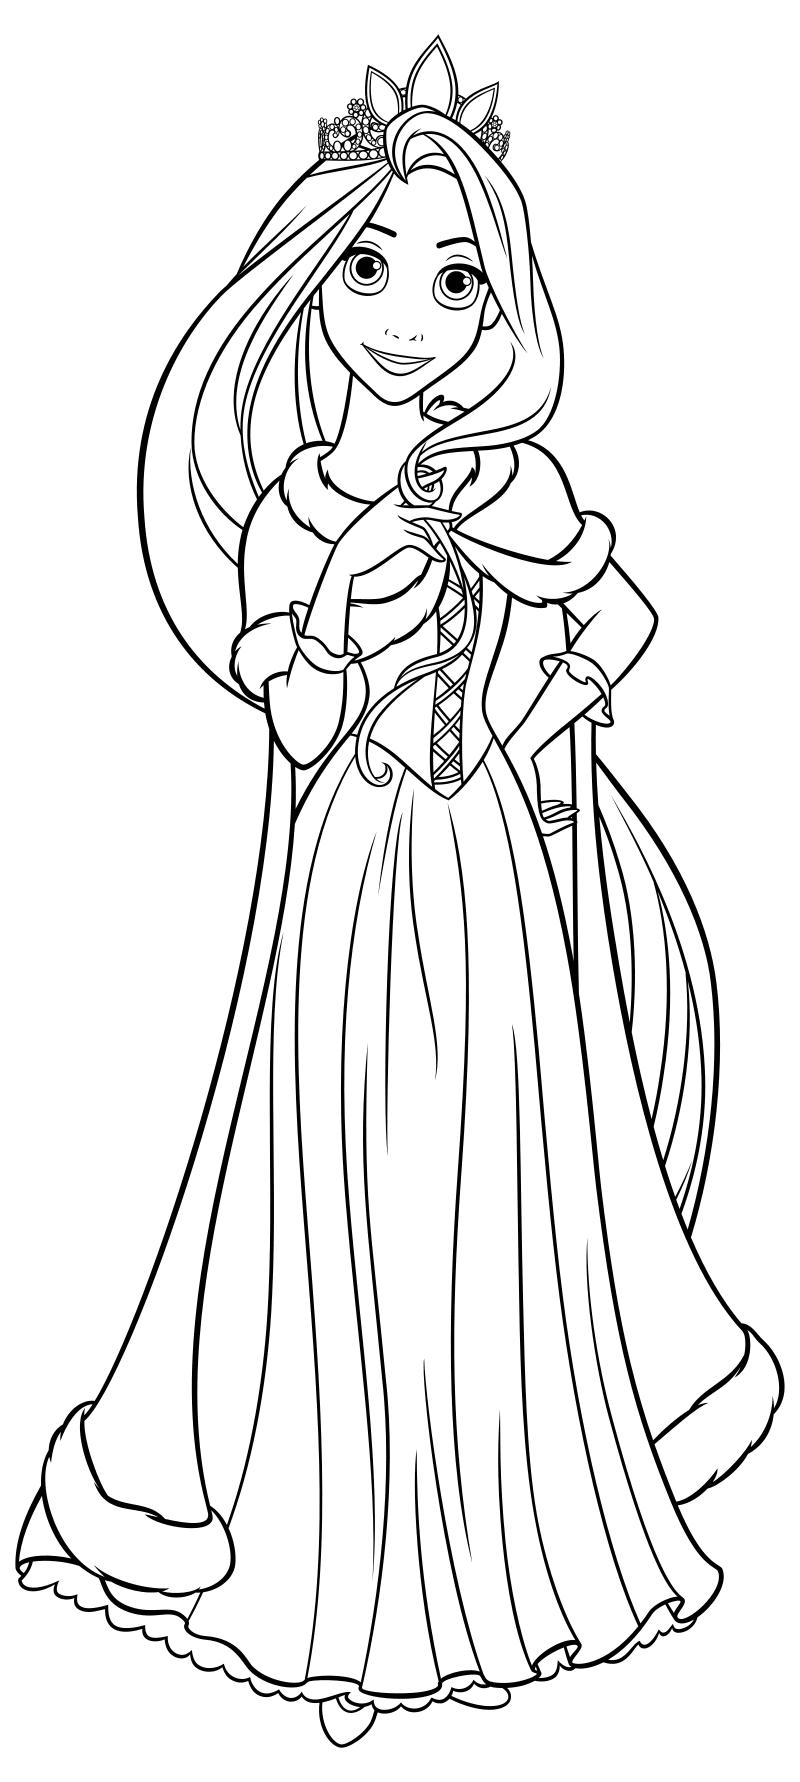 Раскраска - Принцессы Диснея - Рапунцель с короной | MirChild